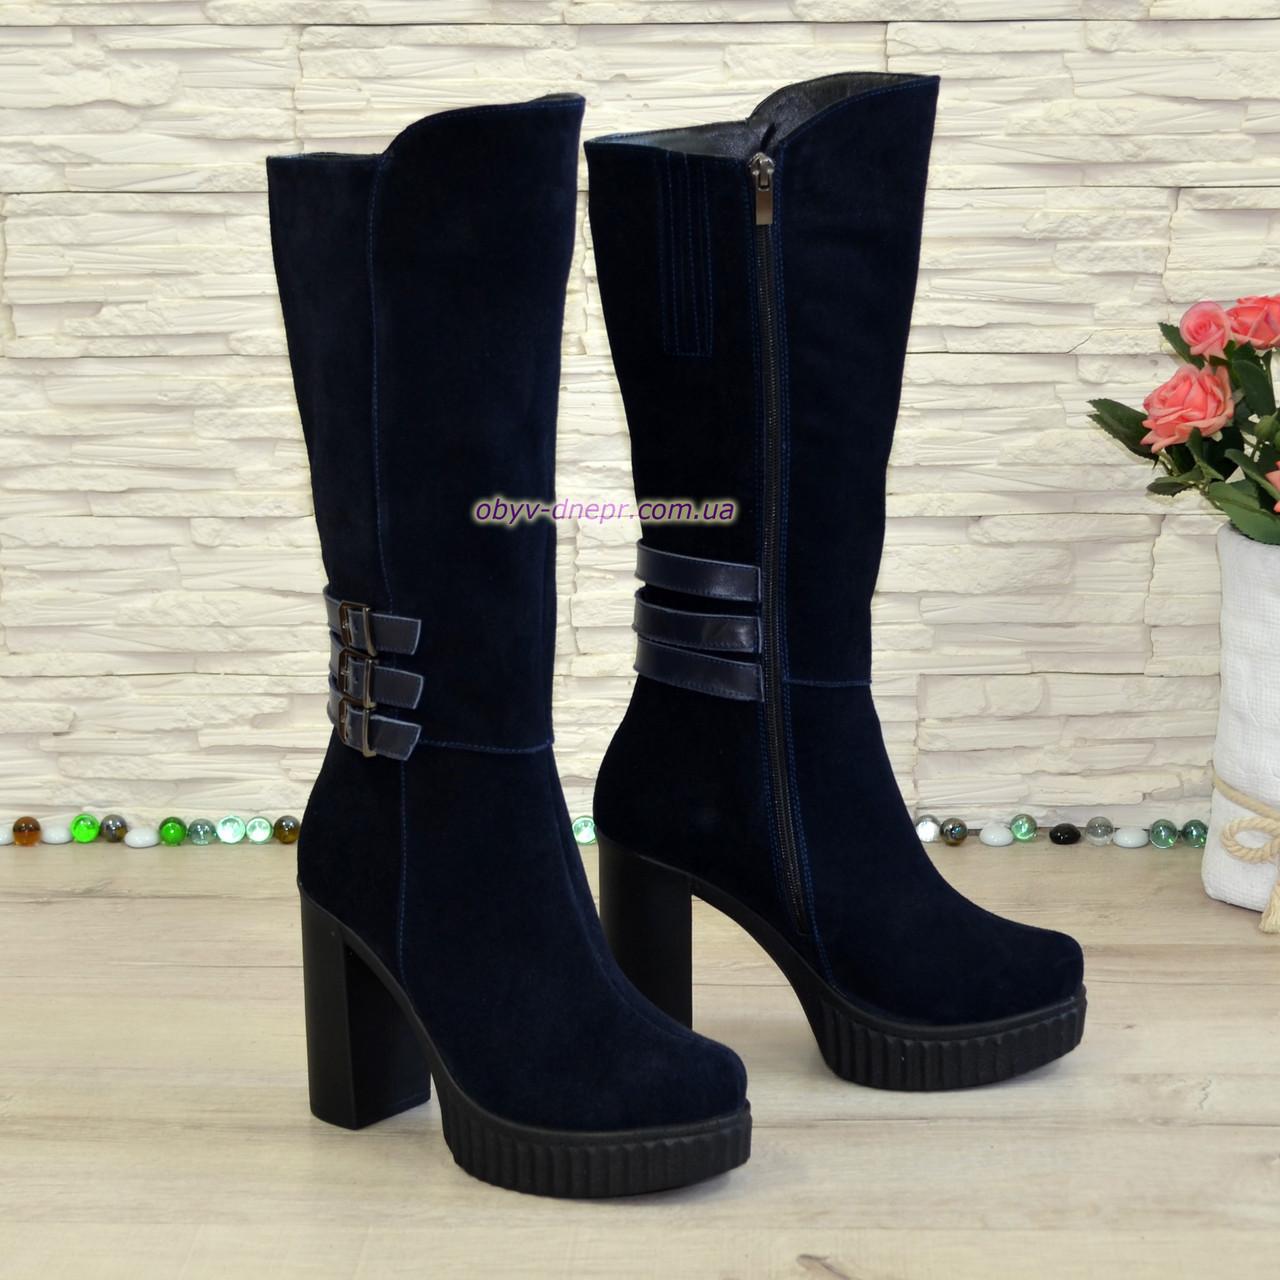 Сапоги замшевые женские демисезонные на высоком каблуке, декорированы ремешками. 38 размер